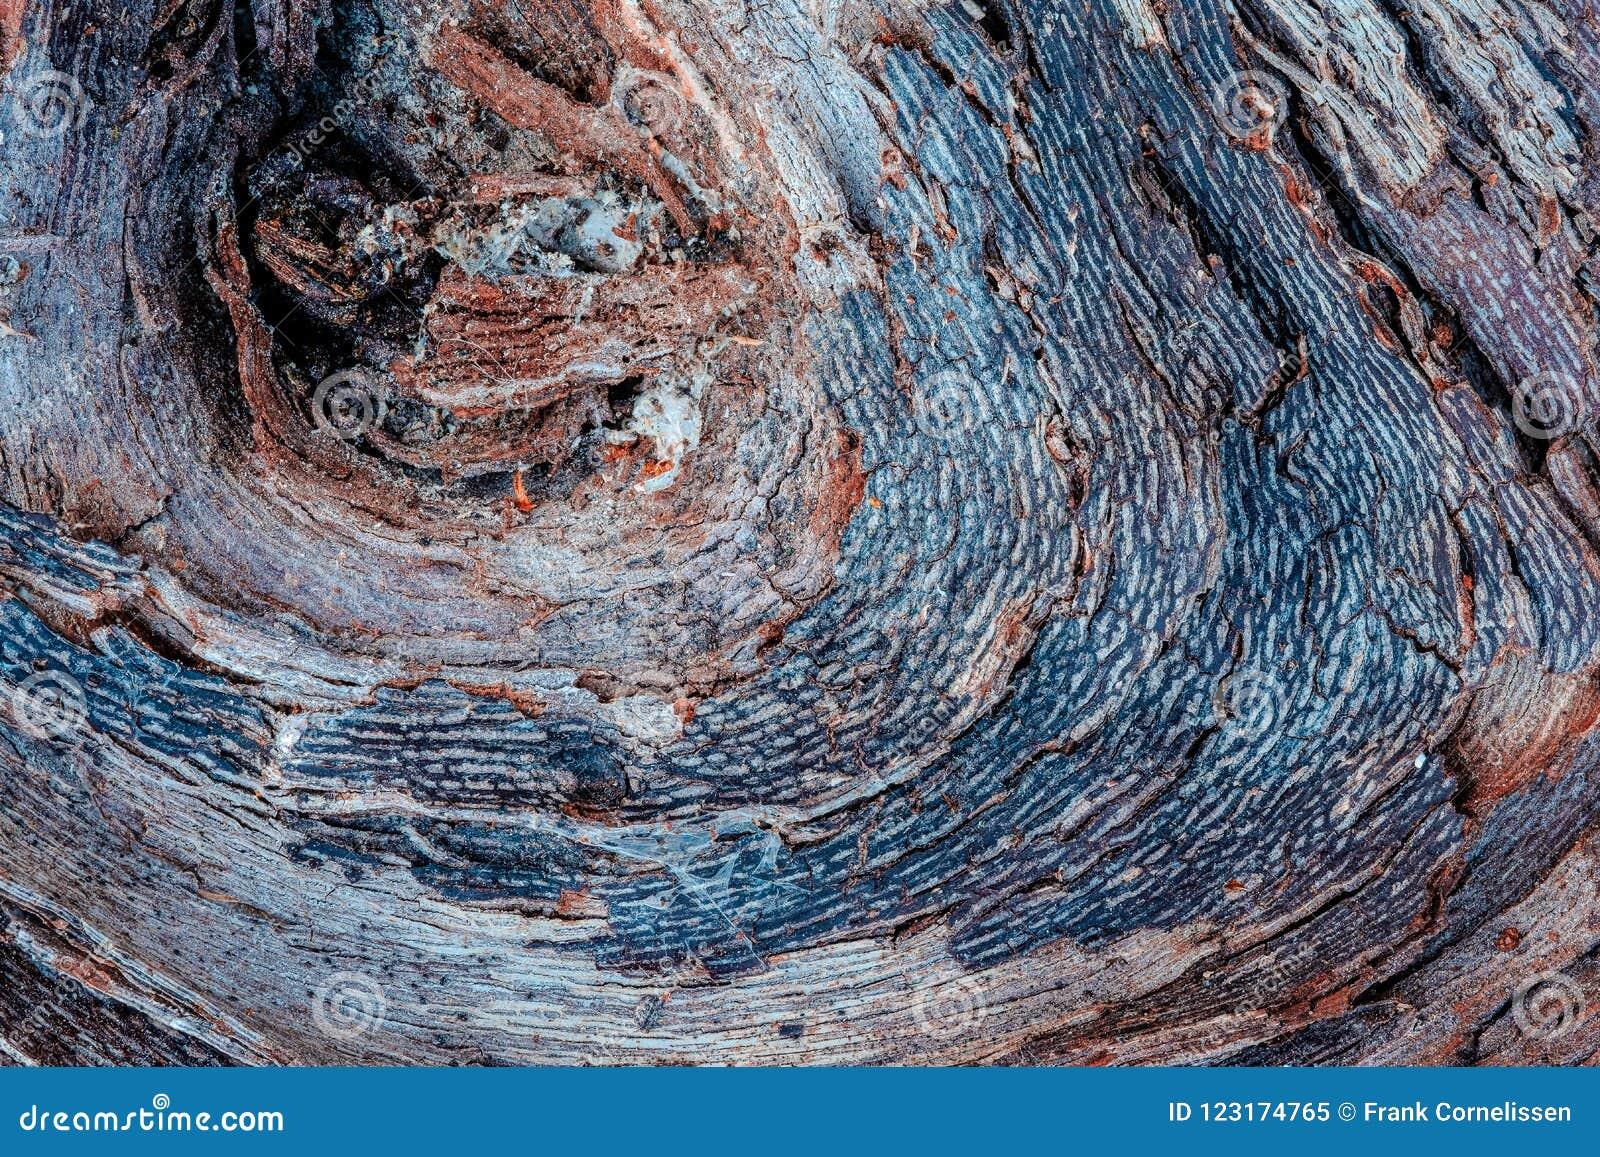 La textura rica de la madera resistida, con las grietas y los colores de tierra